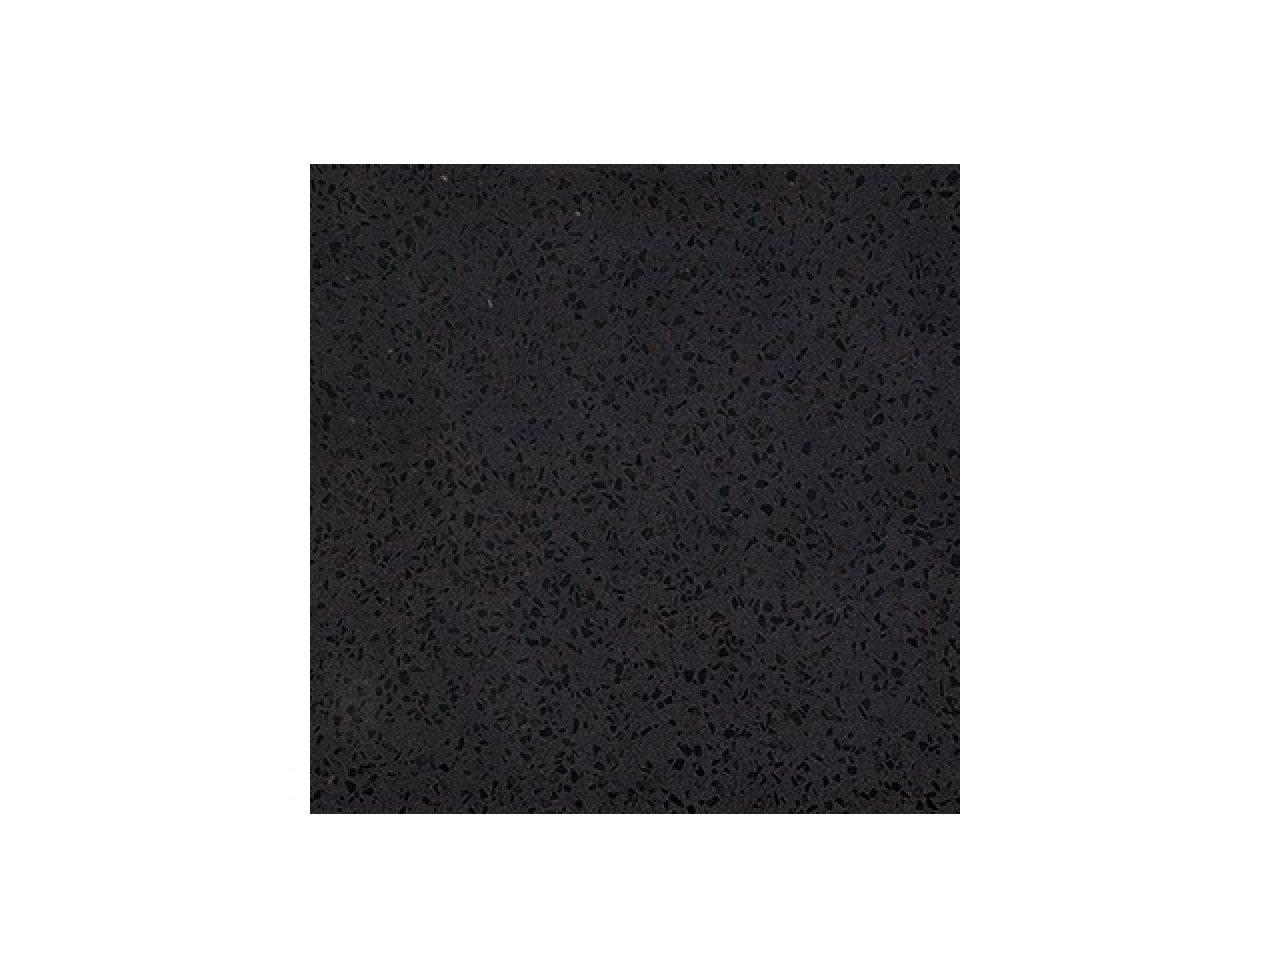 Напольная плитка Marvel Terrazzo Black Lappato 75x75